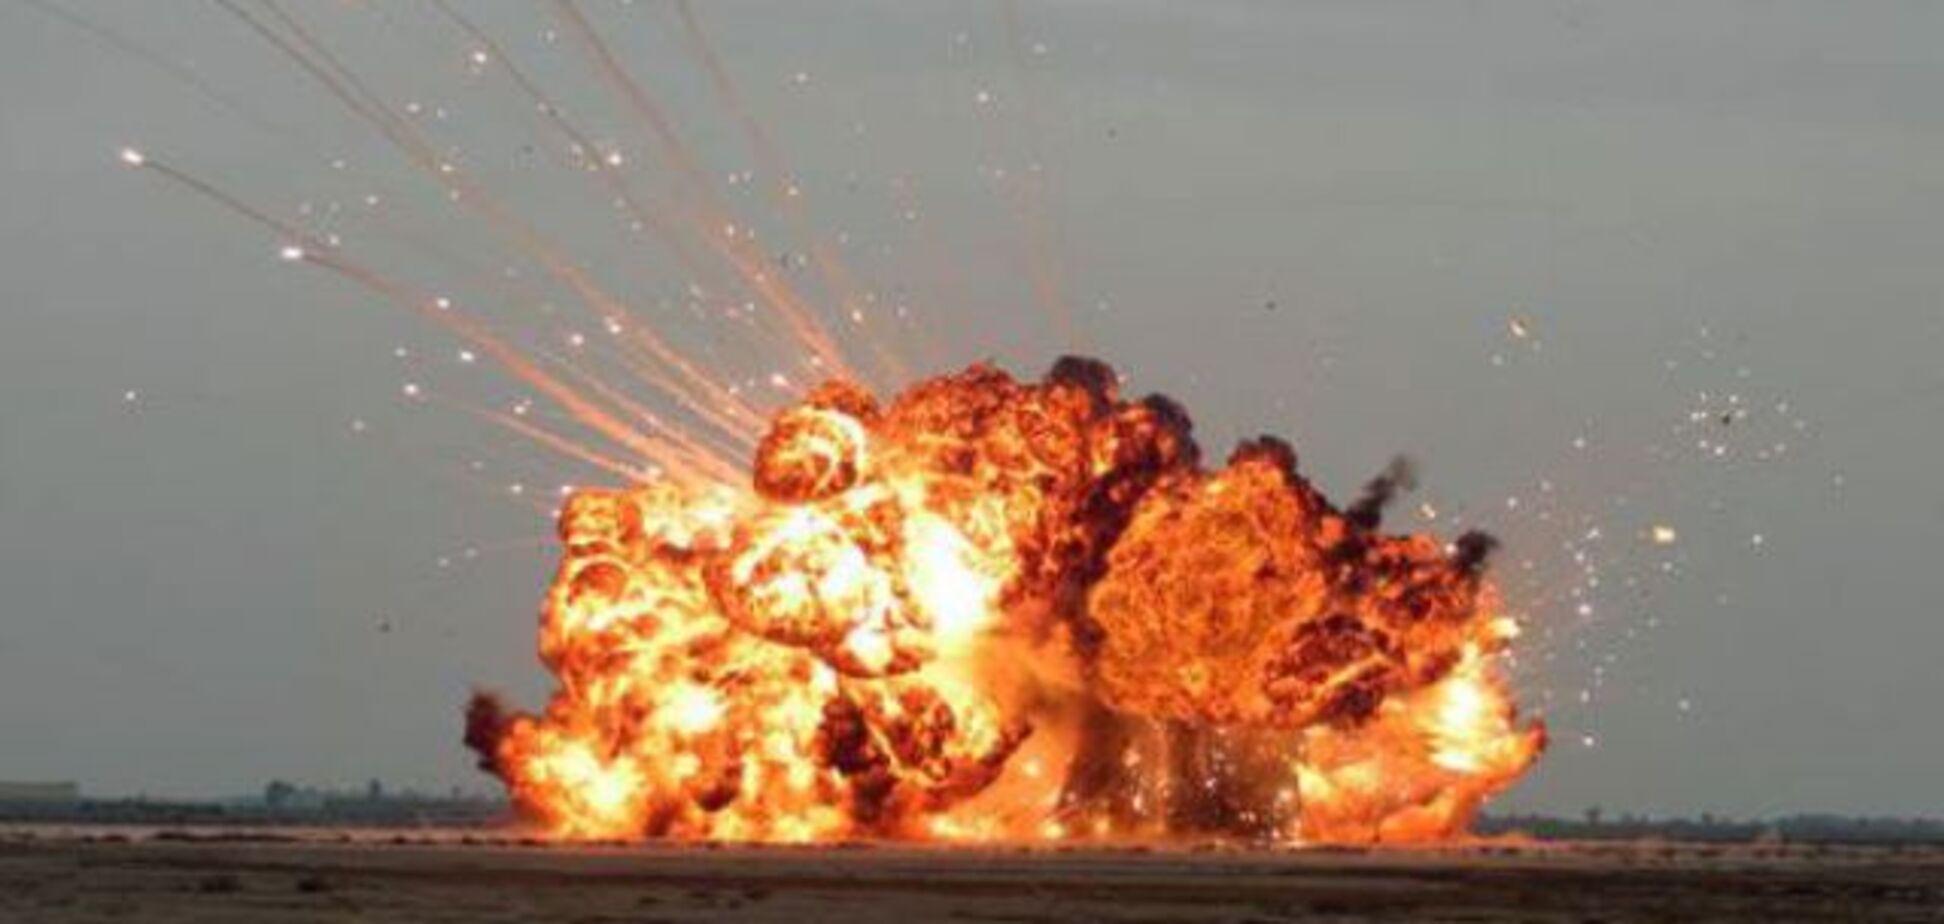 'ЛНР' и 'ДНР' объединяются: стало известно о череде взрывов в Луганске